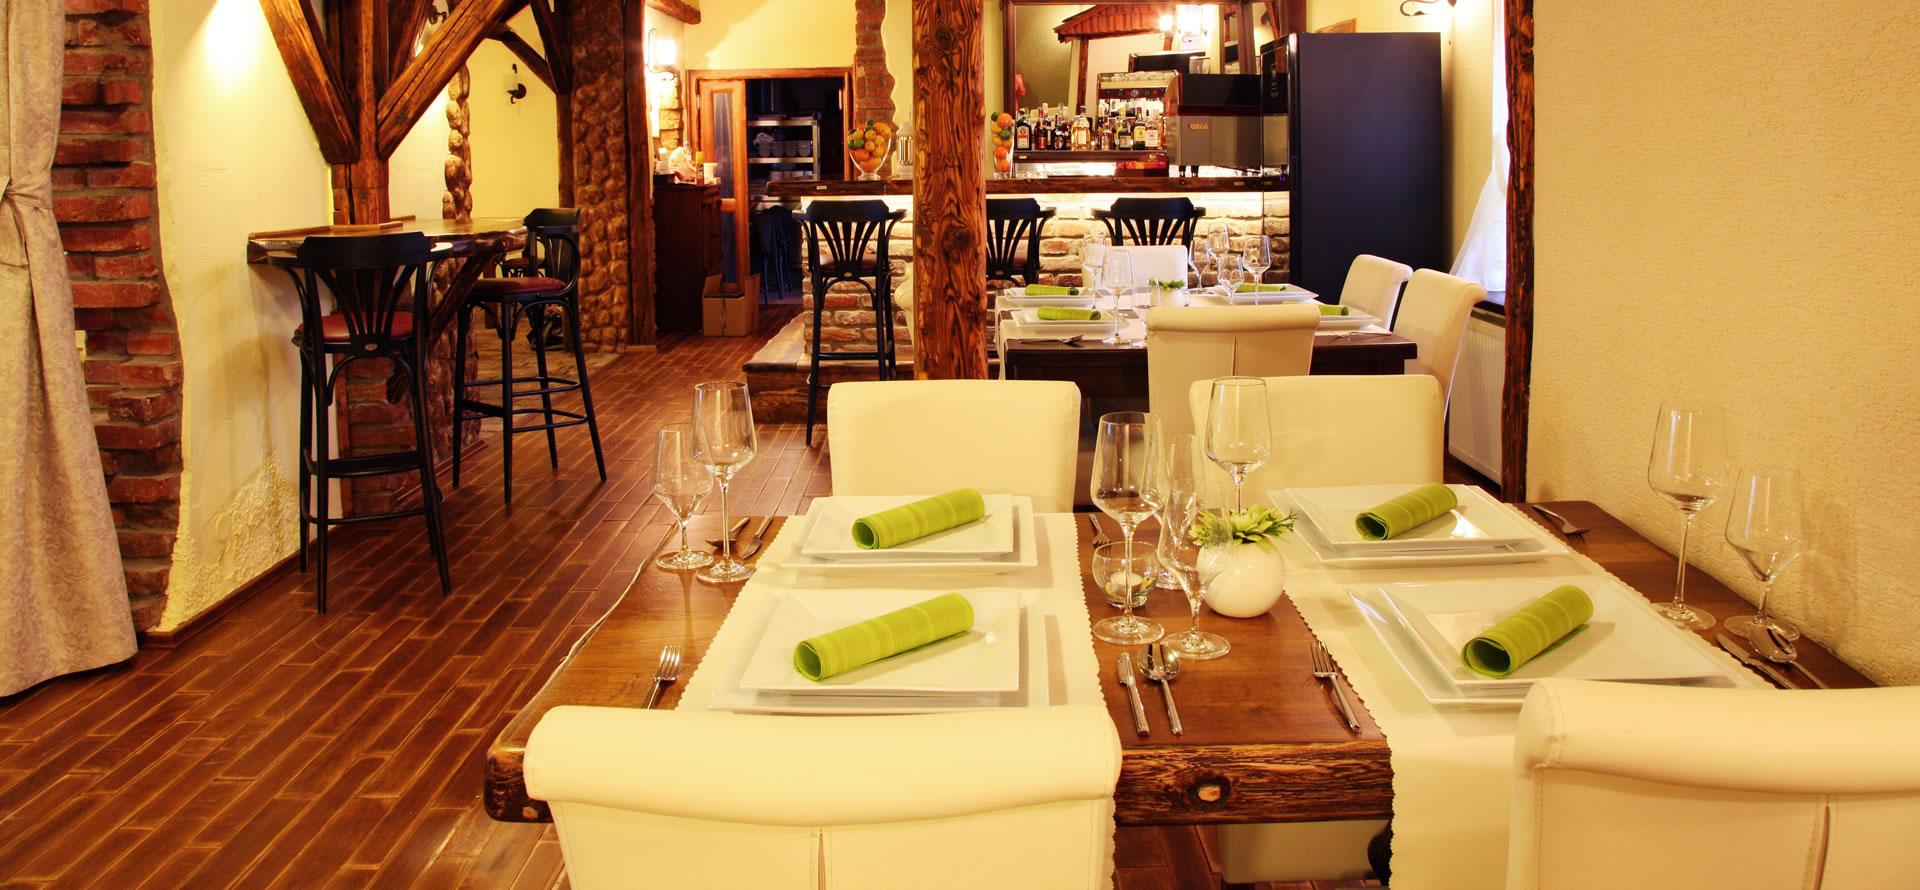 245e1f9f4 Restauracia Barock | Jedálny lístok